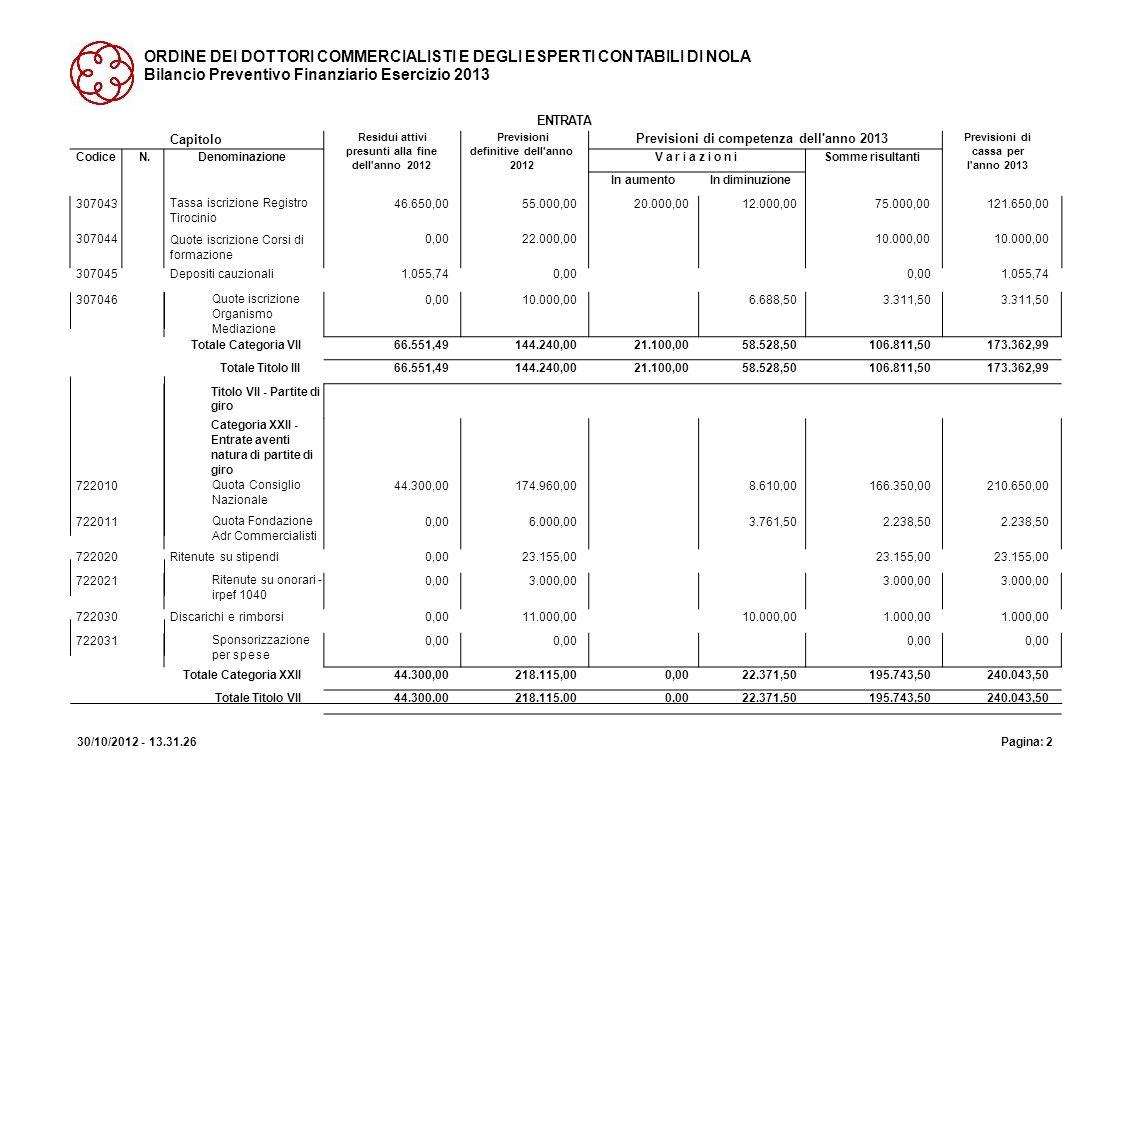 ORDINE DEI DOTTORI COMMERCIALISTI E DEGLI ESPERTI CONTABILI DI NOLA Bilancio Preventivo Finanziario Esercizio 2013 ENTRATA 30/10/2012 - 13.31.26Pagina: 3 Capitolo Residui attivi presunti alla fine dell anno 2012 Previsioni definitive dell anno 2012 Previsioni di competenza dell anno 2013 Previsioni di cassa per l anno 2013 CodiceN.DenominazioneV a r i a z i o n iV a r i a z i o n iSomme risultanti In aumentoIn diminuzione Riepilogo dei Titoli Titolo I....................50.032,47193.600,0017.980,000,00211.580,00261.612,47 Titolo III....................66.551,49144.240,0021.100,0058.528,50106.811,50173.362,99 Titolo VII....................44.300,00218.115,000,0022.371,50195.743,50240.043,50 Totale delle Entrate160.883,96555.955,0039.080,0080.900,00514.135,00675.018,96 Fondo iniziale di Cassa39.258,73 Avanzo di Amministraz.10.108,20 Totale Generale160.883,96566.063,2039.080,0091.008,20514.135,00714.277,69 Disav.